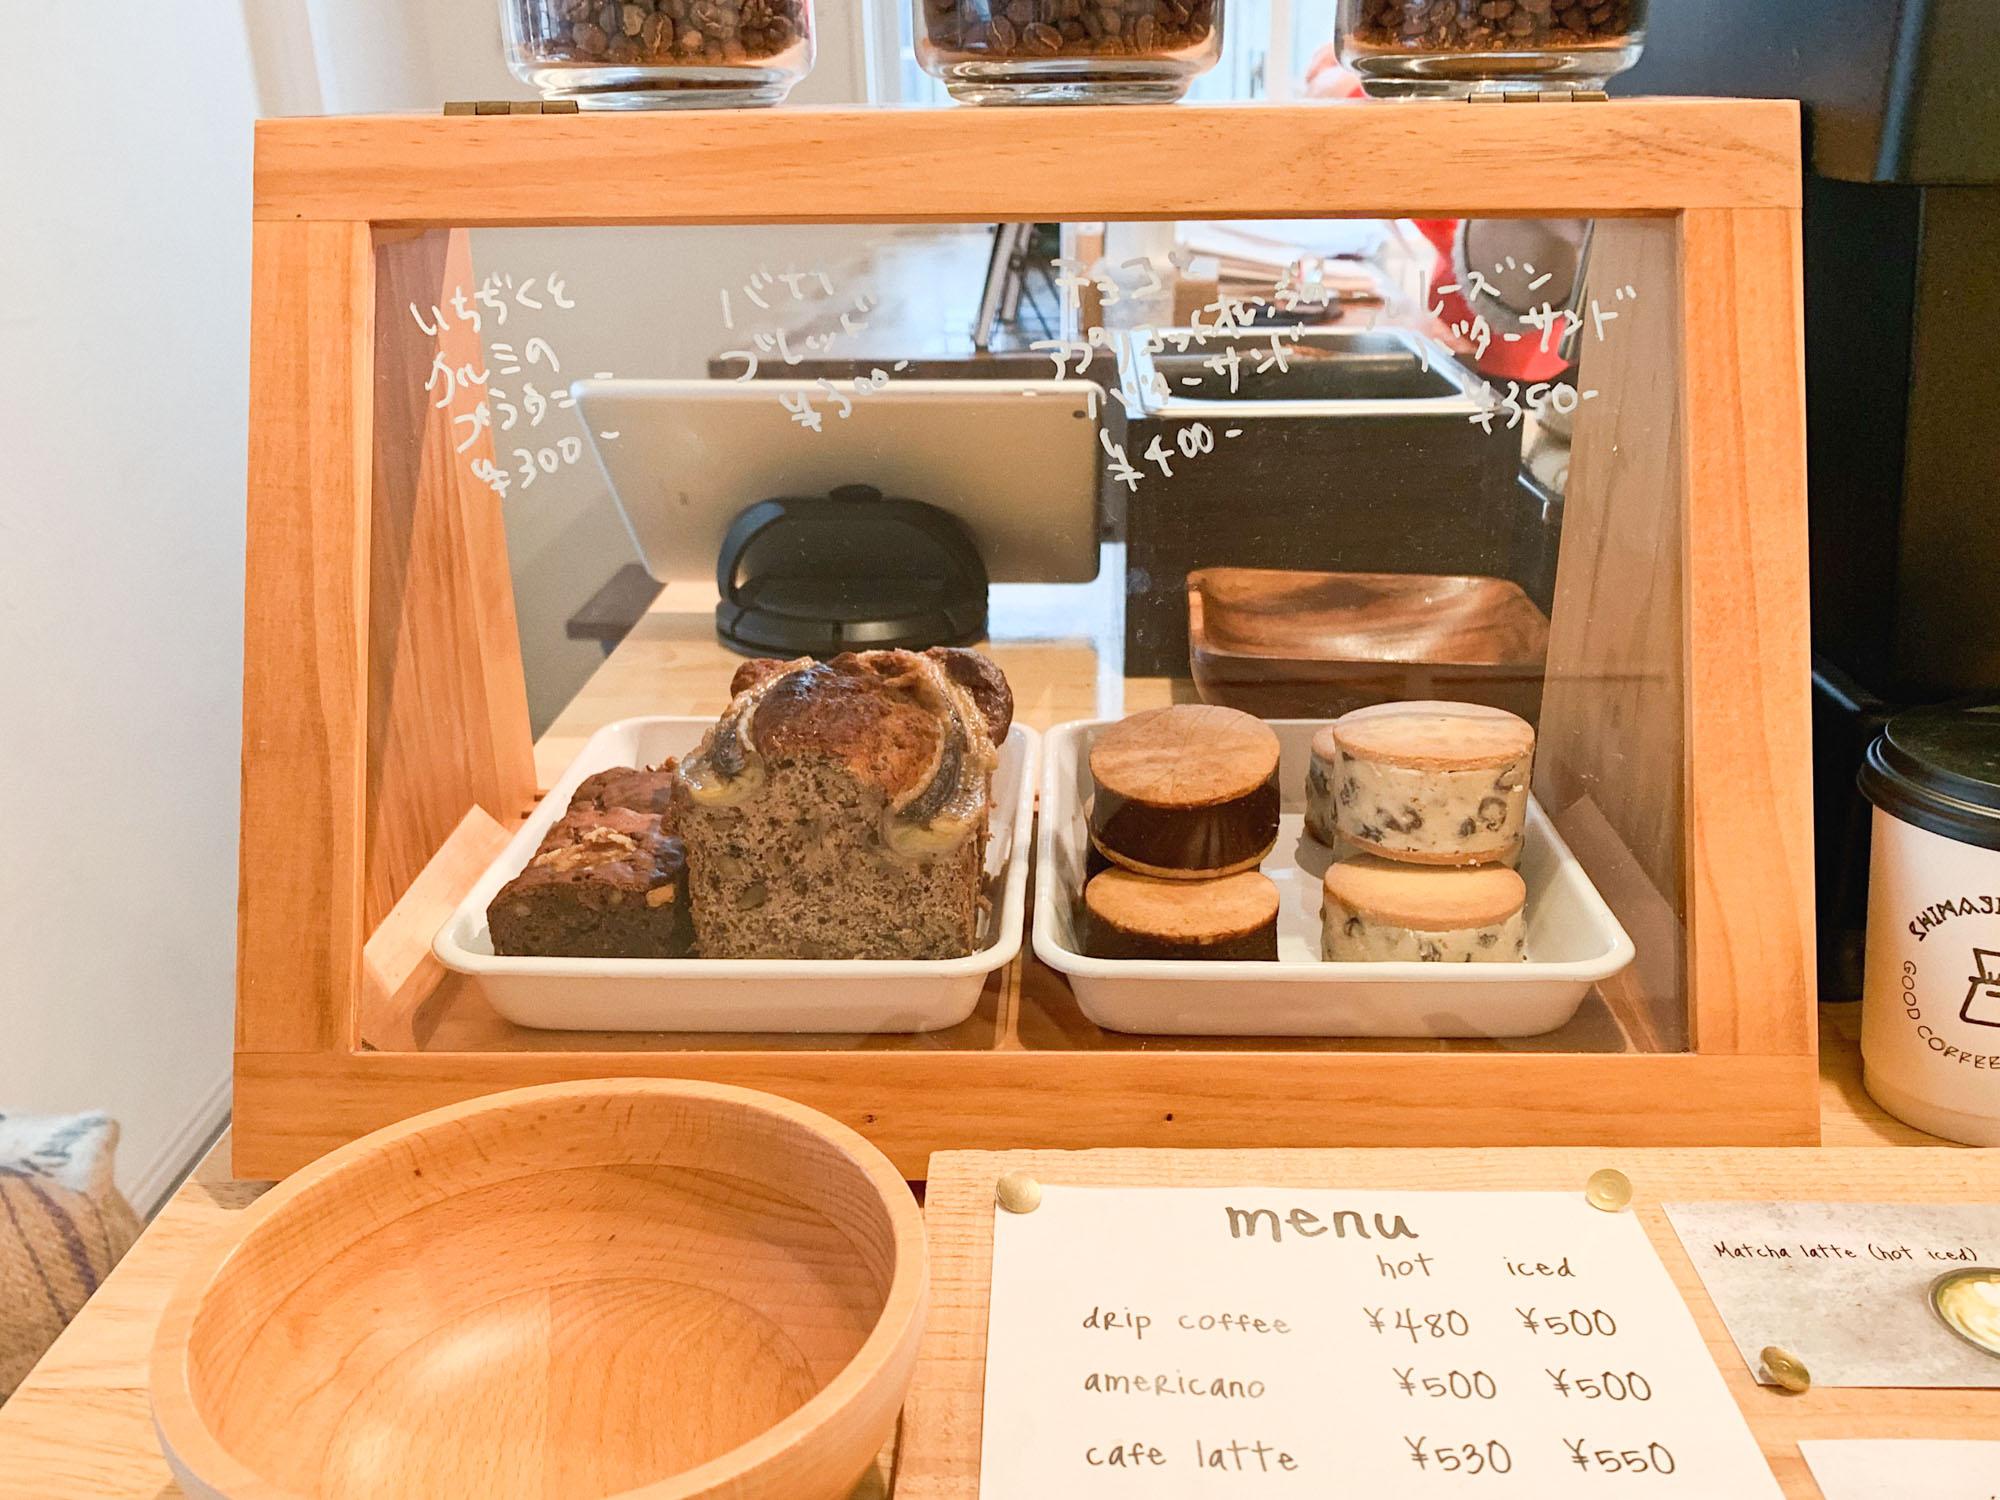 お菓子はブラウニーやバターサンドなど、季節毎にメニューが変わっていて、どれもコーヒーとの相性が良いです。